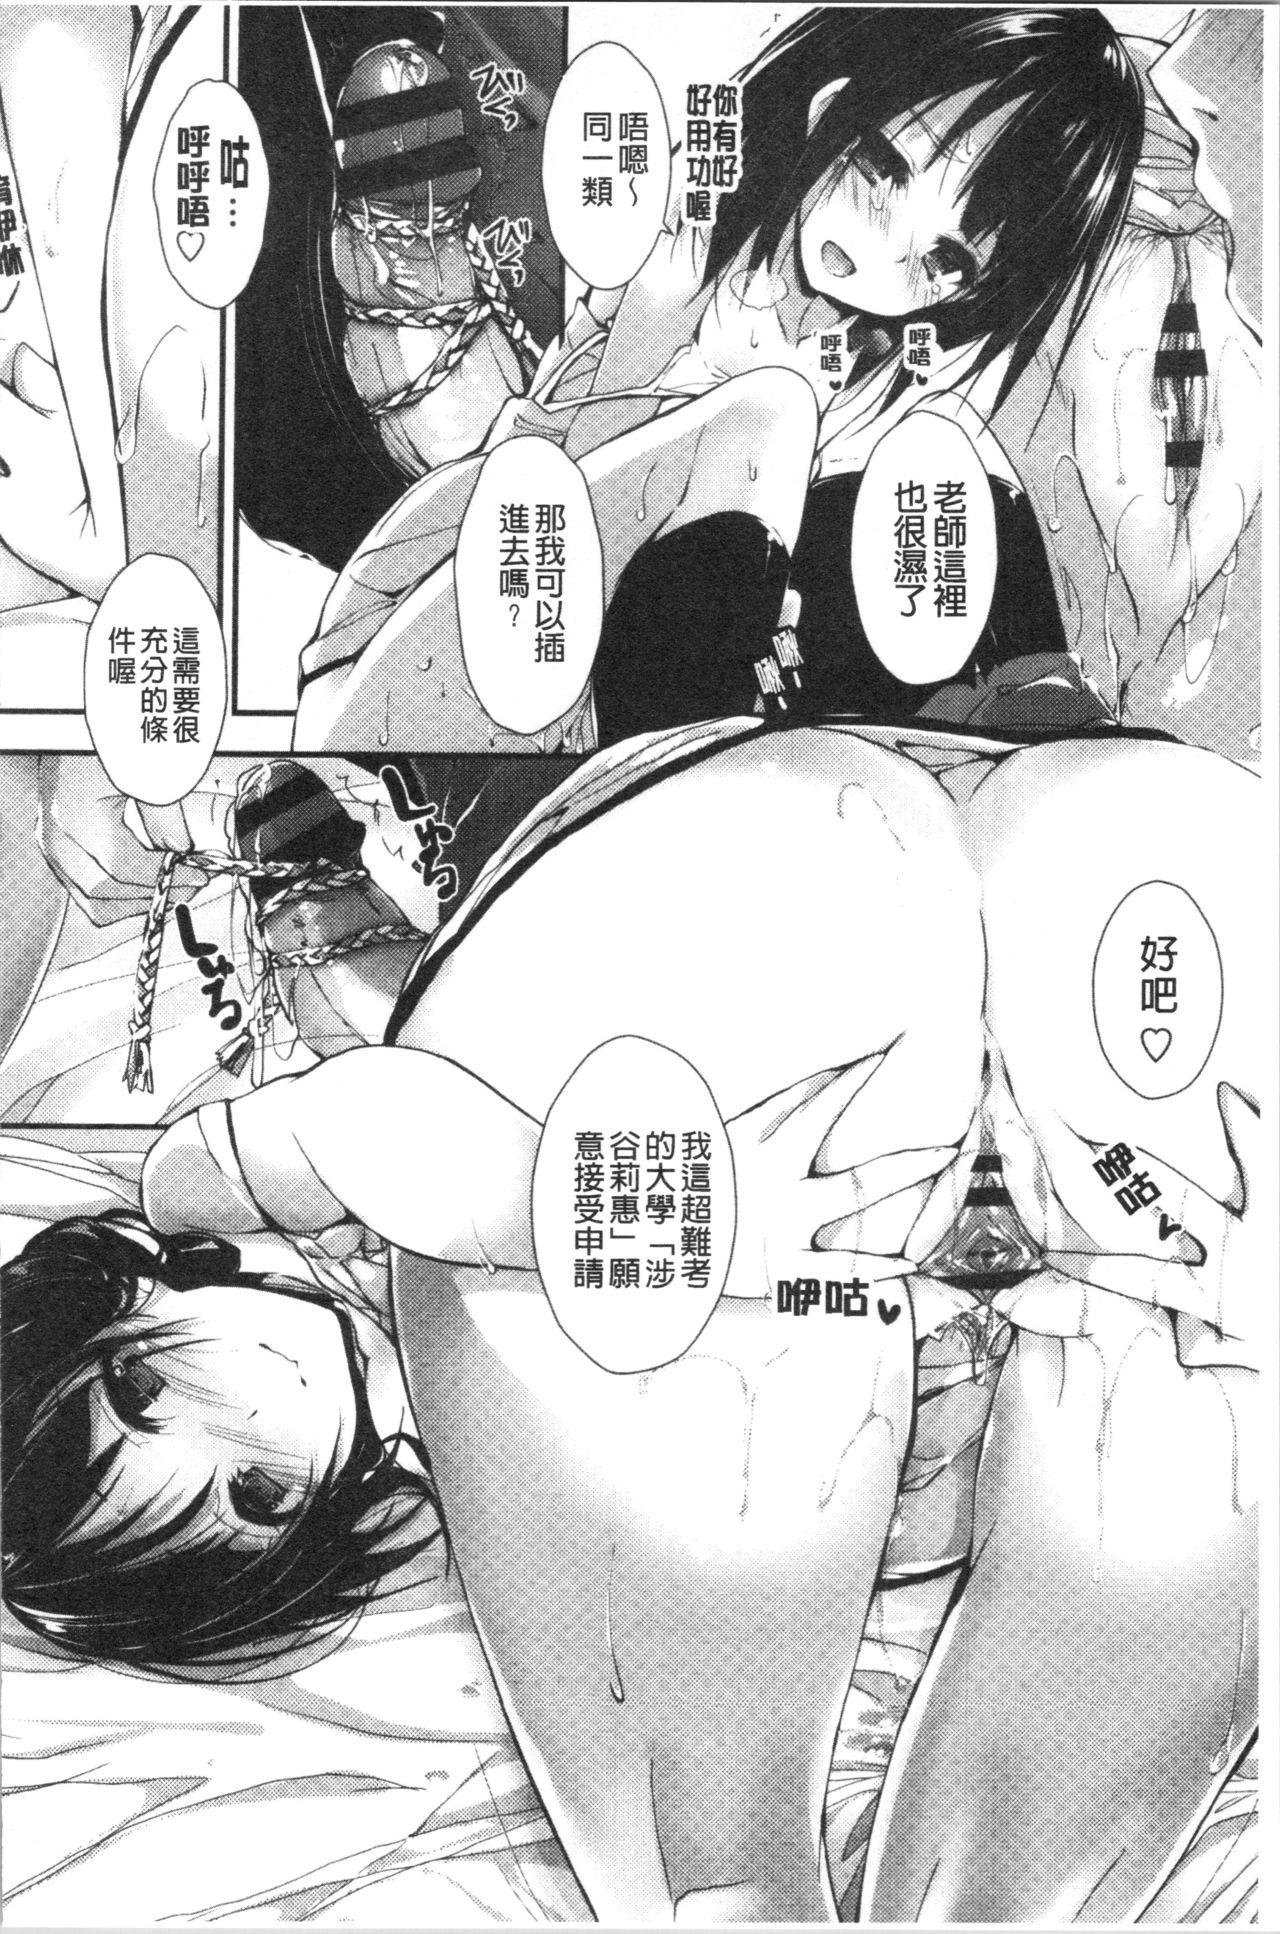 Kanrichuu no Sore o Shibatte Agetai | 管理中的那根想幫你緊緊綑綁住 151